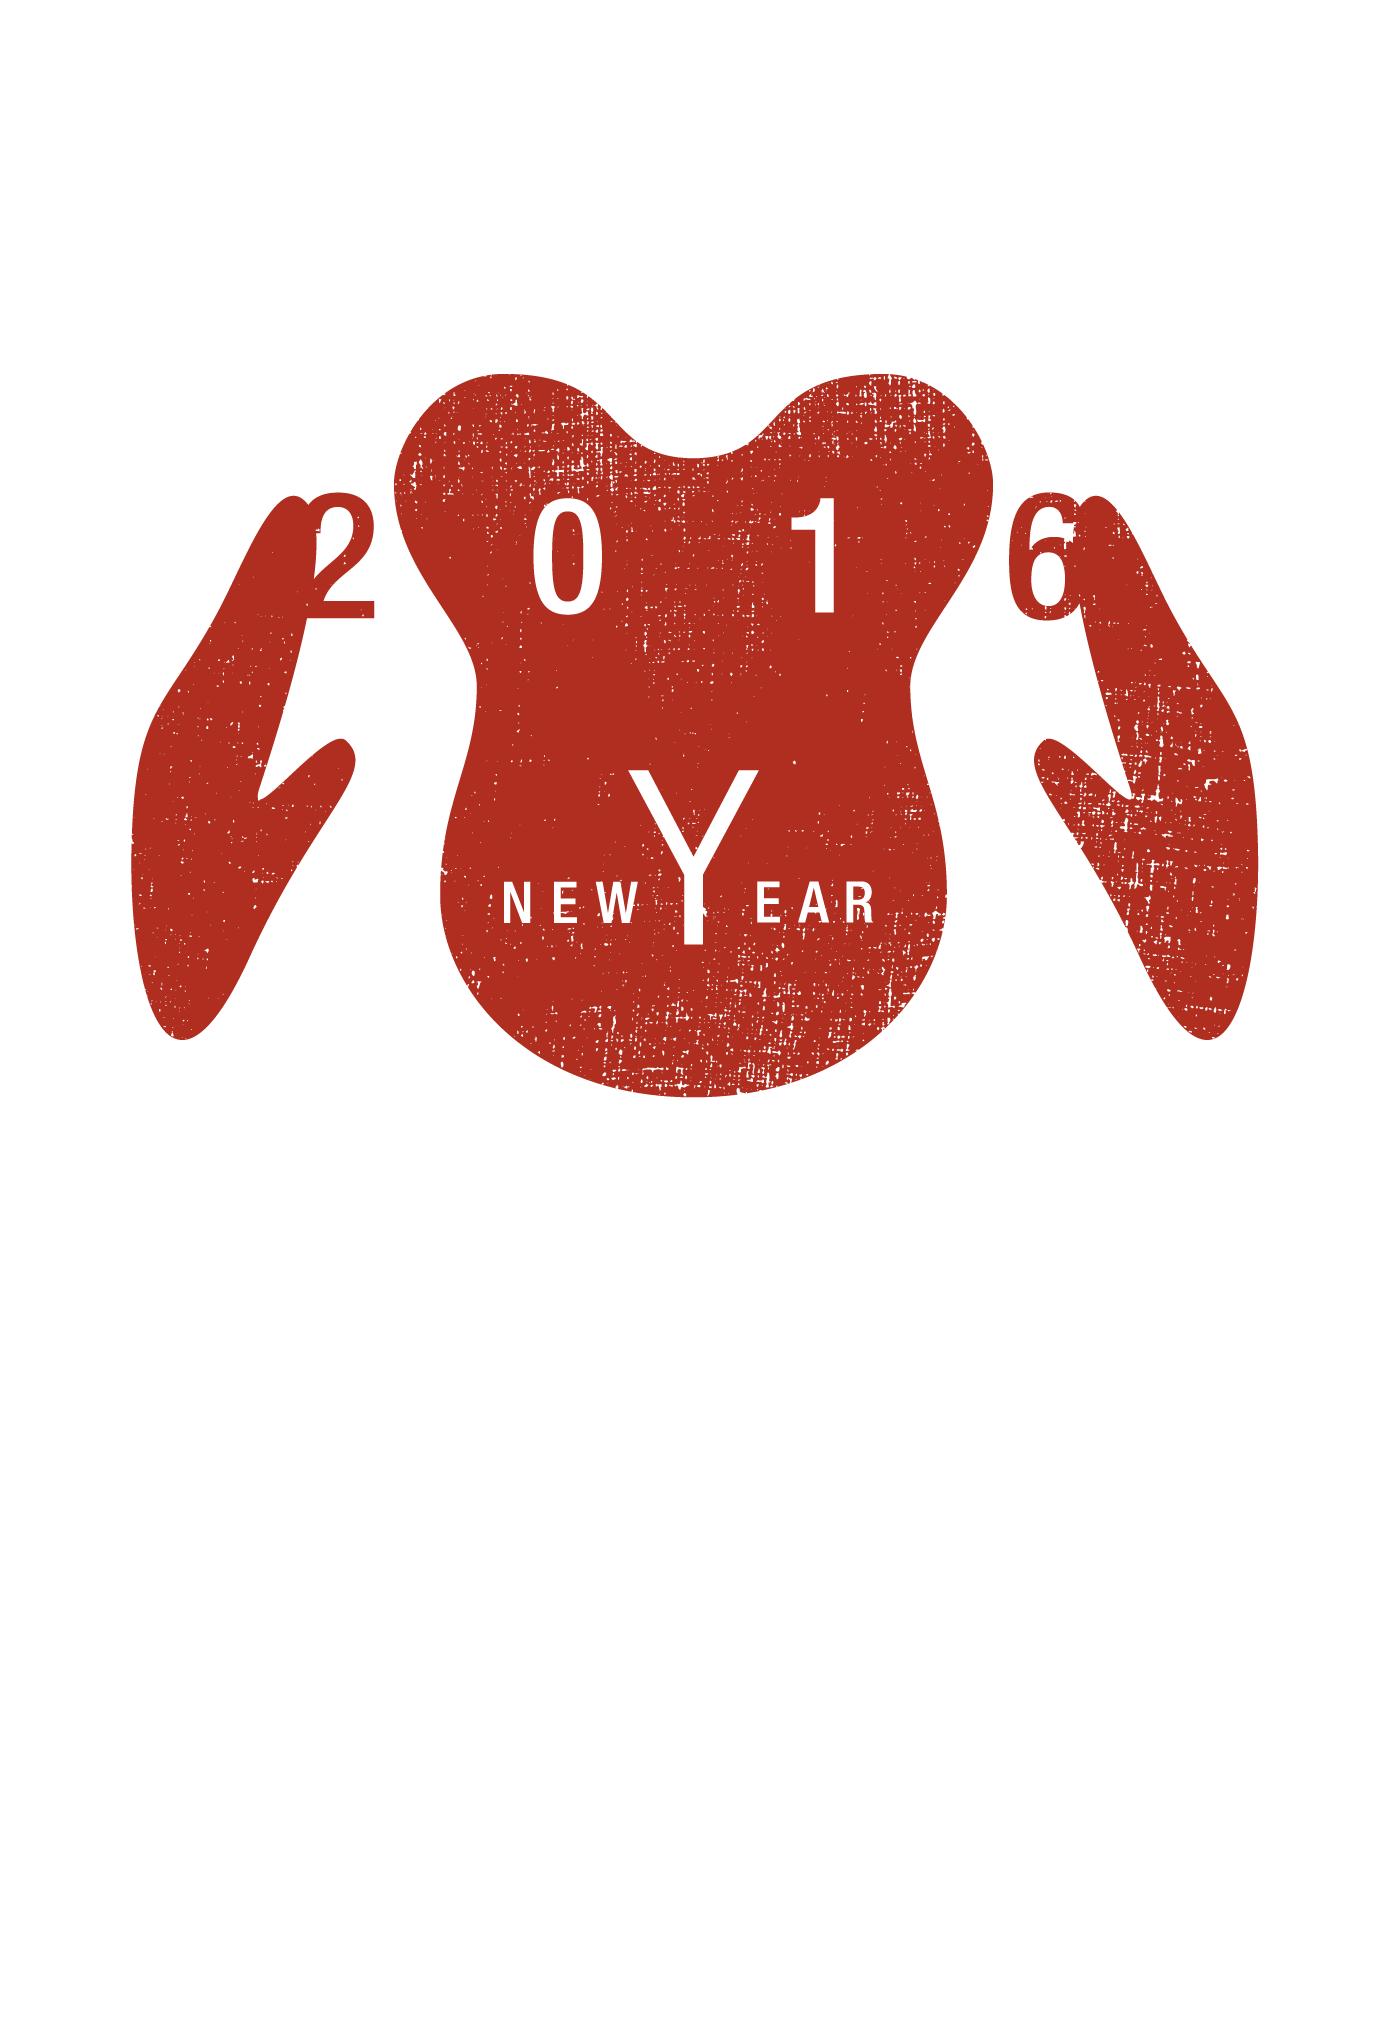 2016年賀状20-1:New Ear / 縦のダウンロード画像